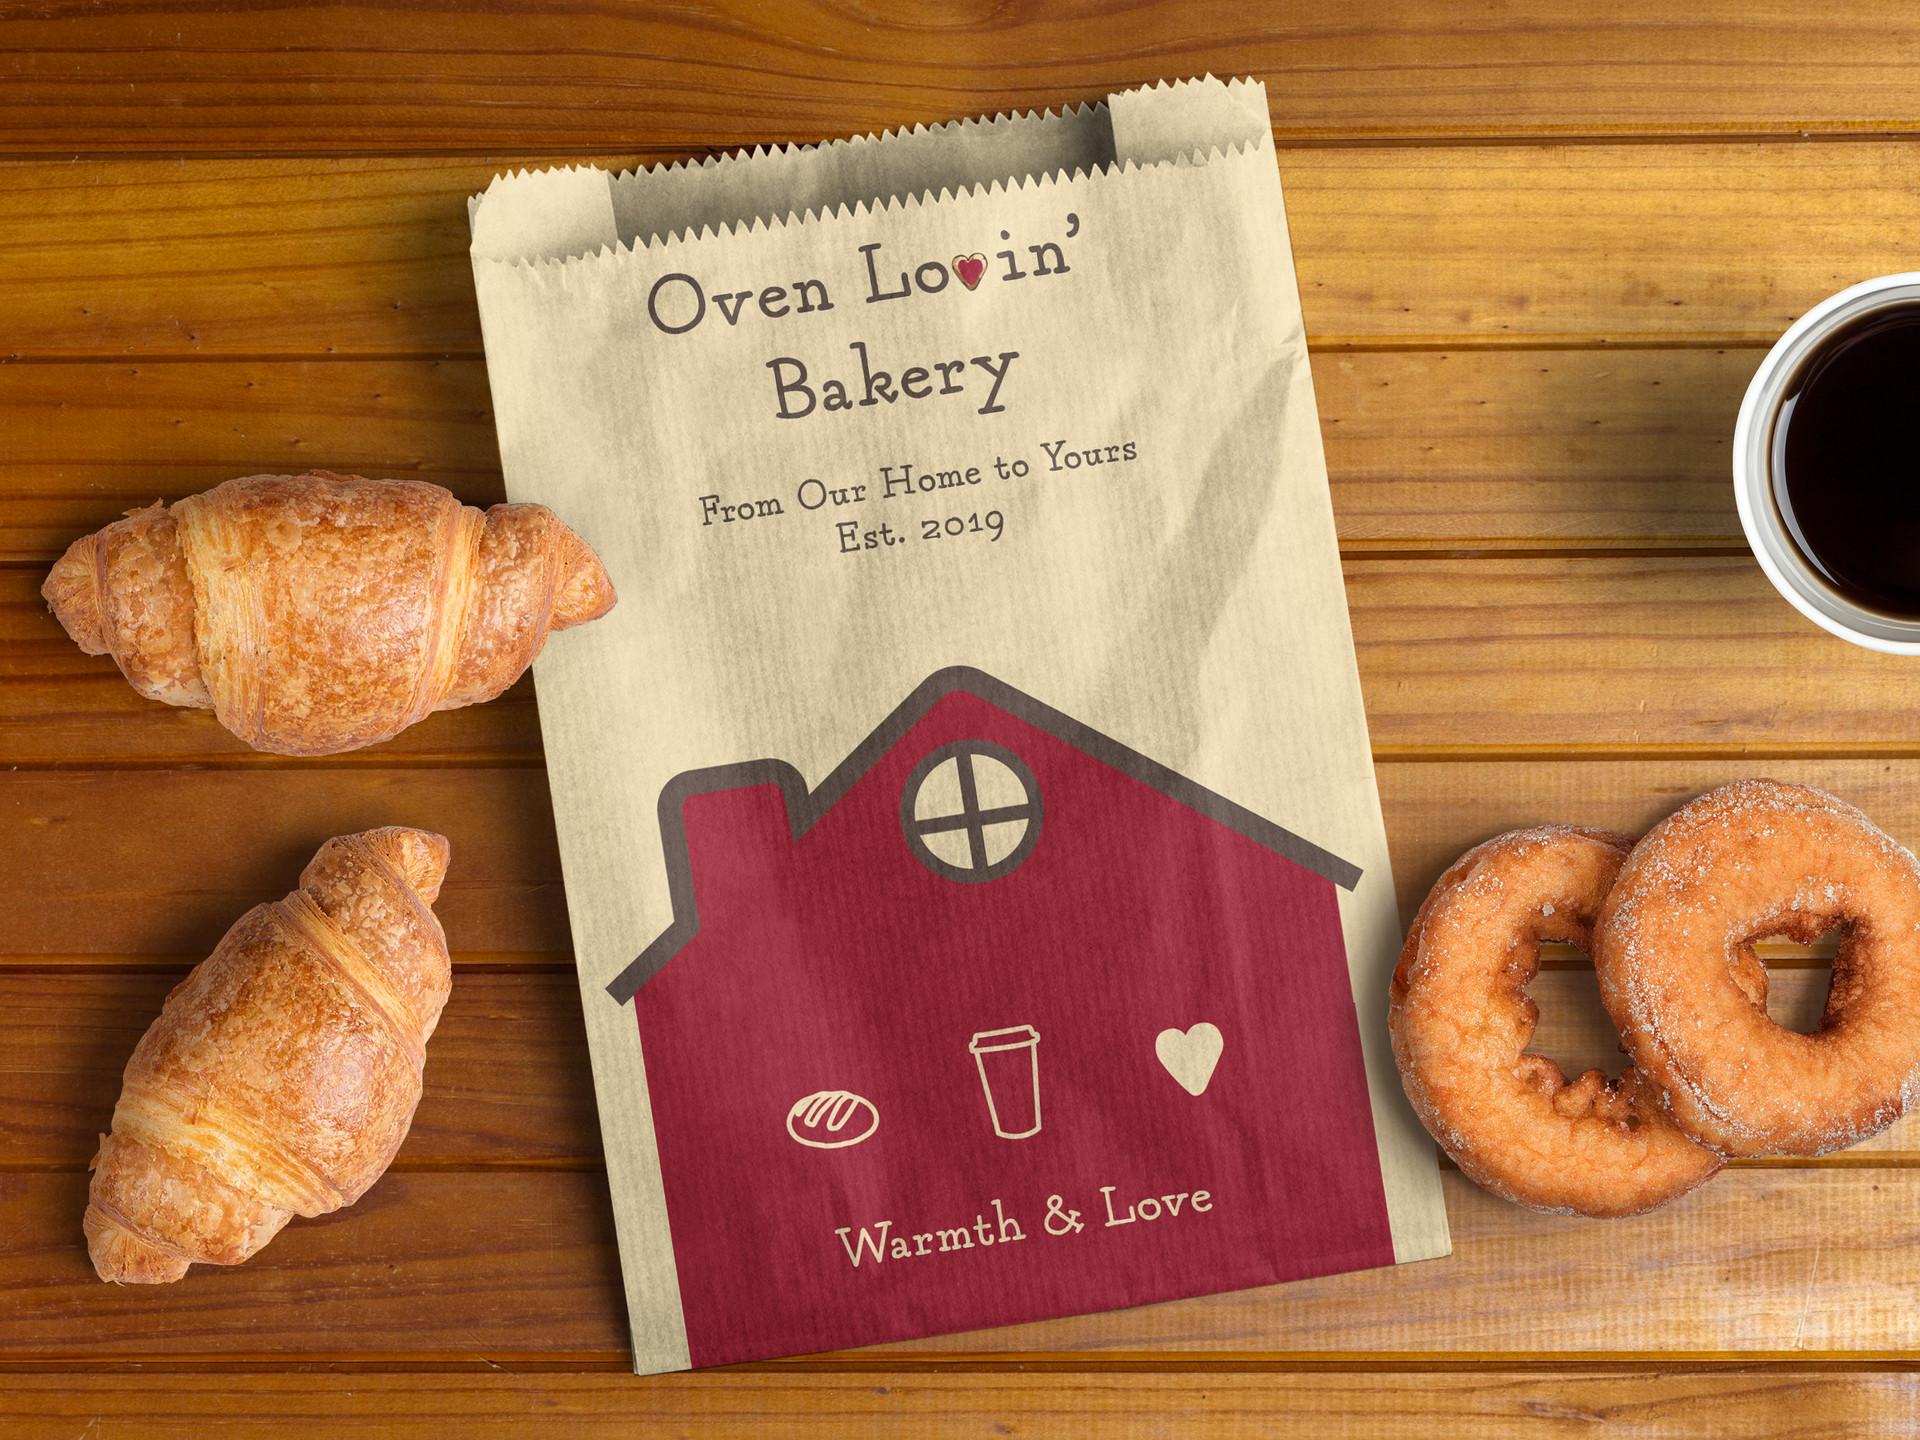 Oven Lovin'Bakery